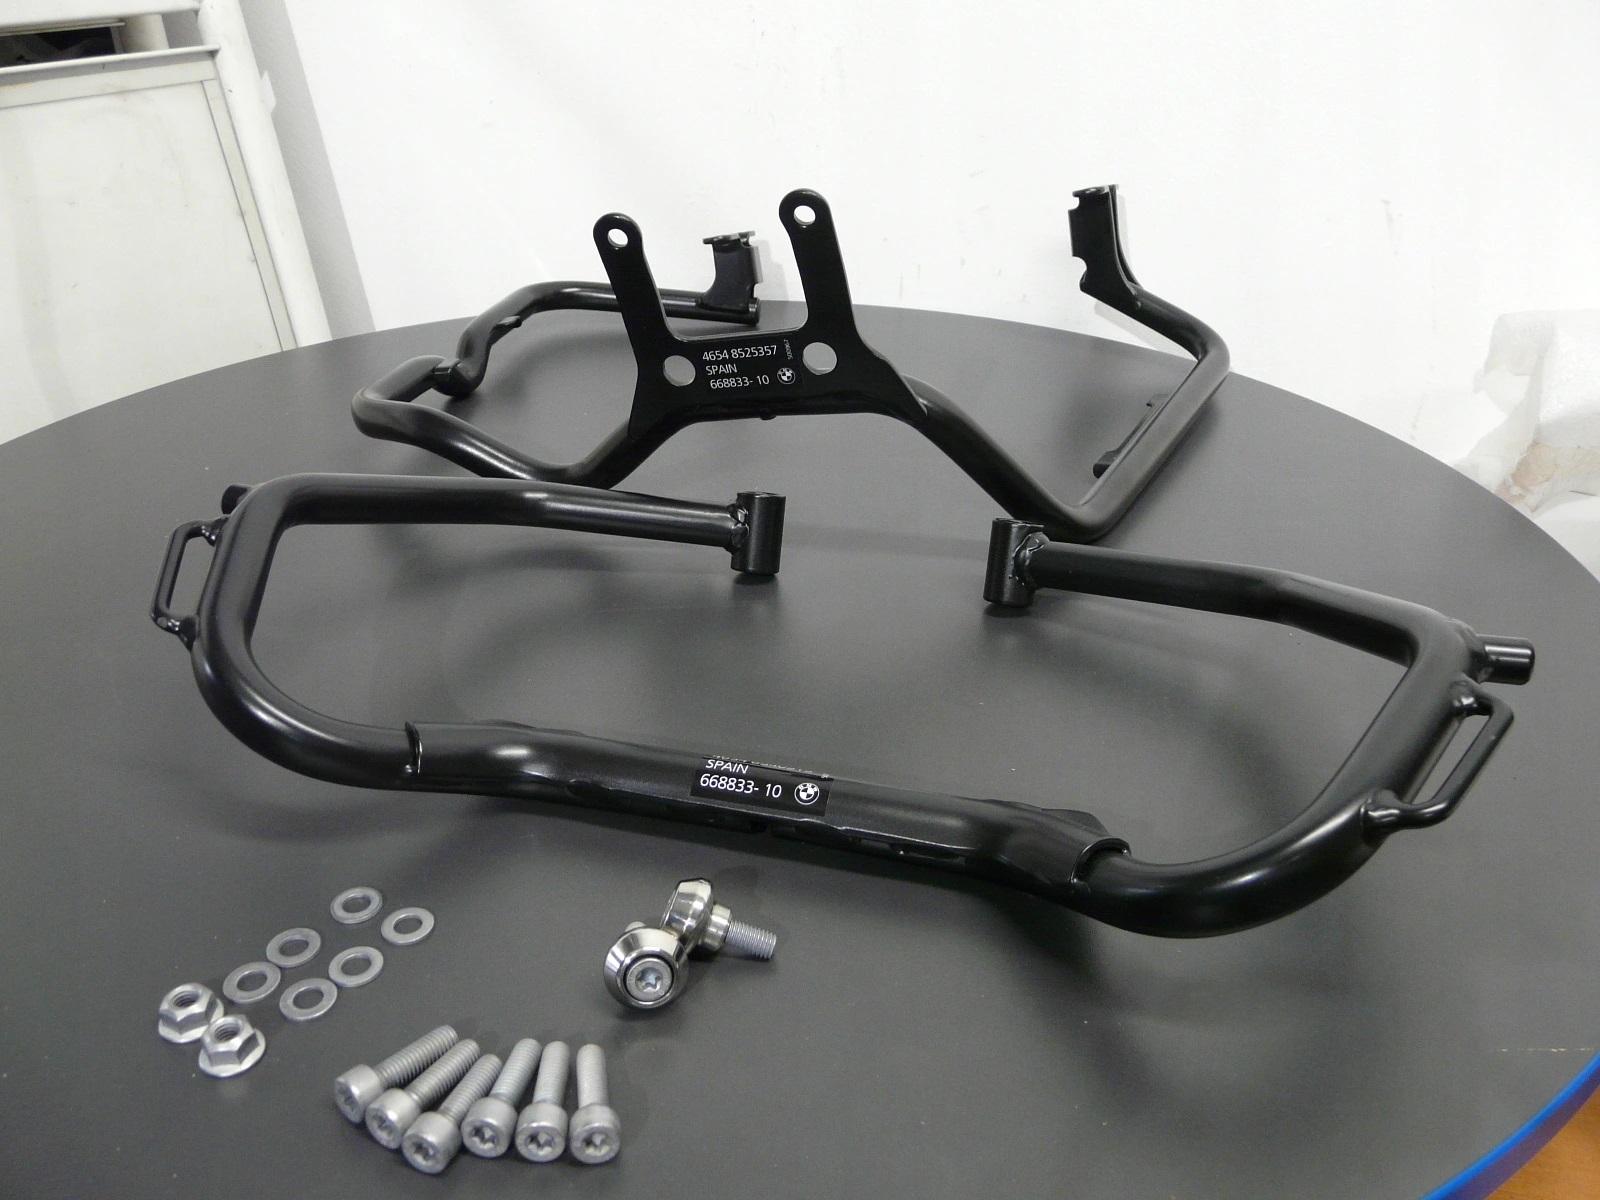 BMW-K70-F700GS-Mocowania-Kufra-Stelaz-Kufer.jpg